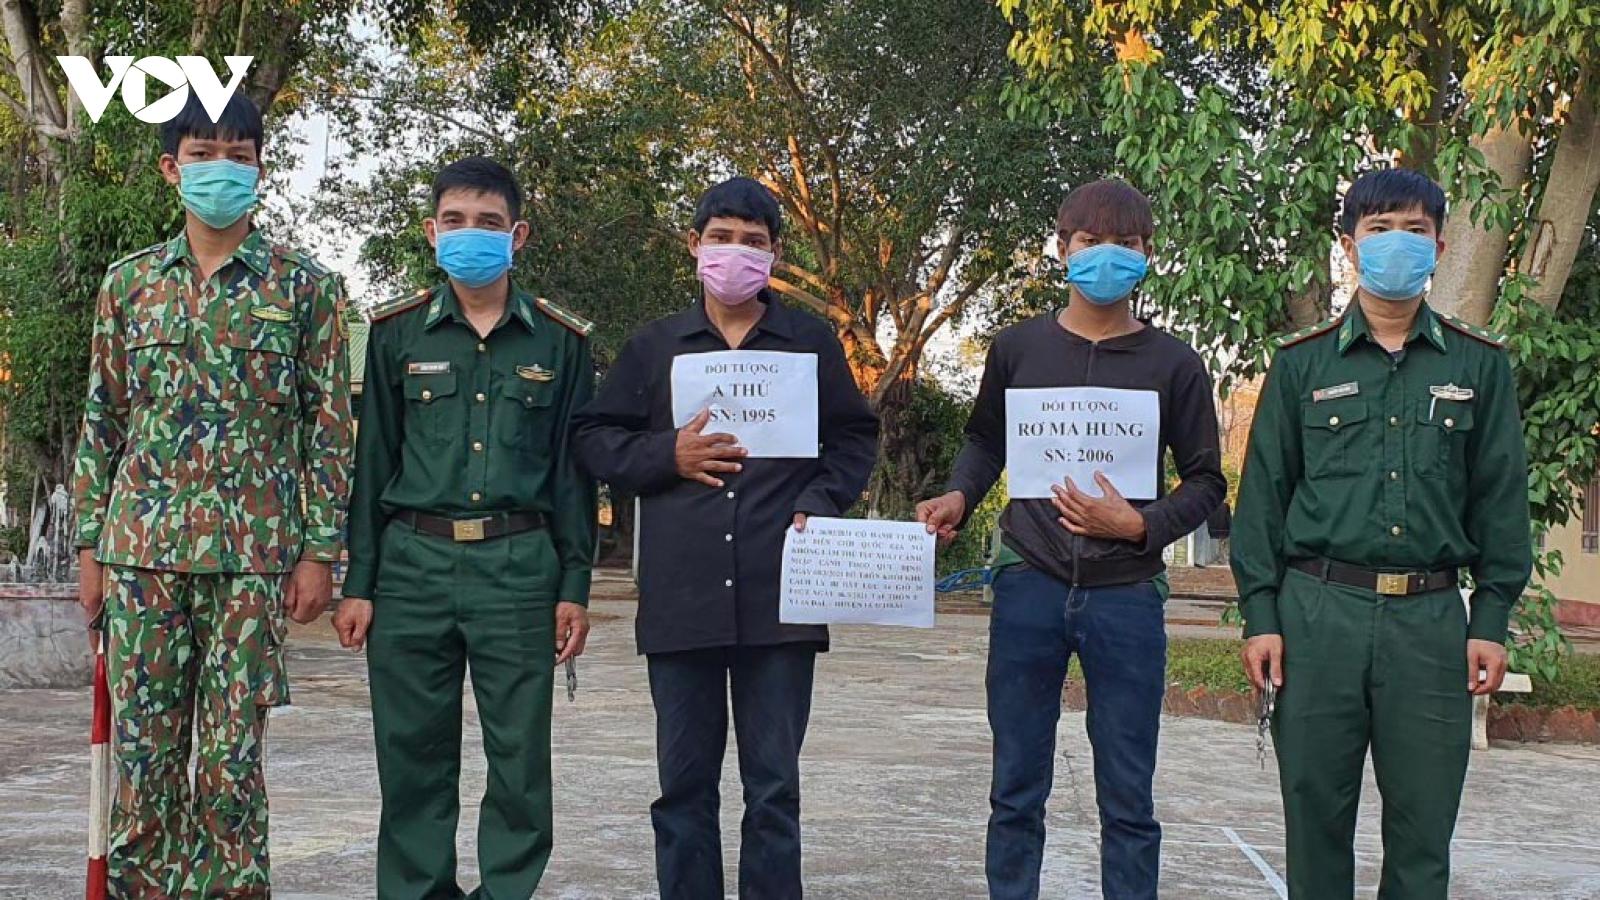 Kon Tum đã bắt được 2 đối tượng nhập cảnh trái phép và trốn khỏi khu cách ly